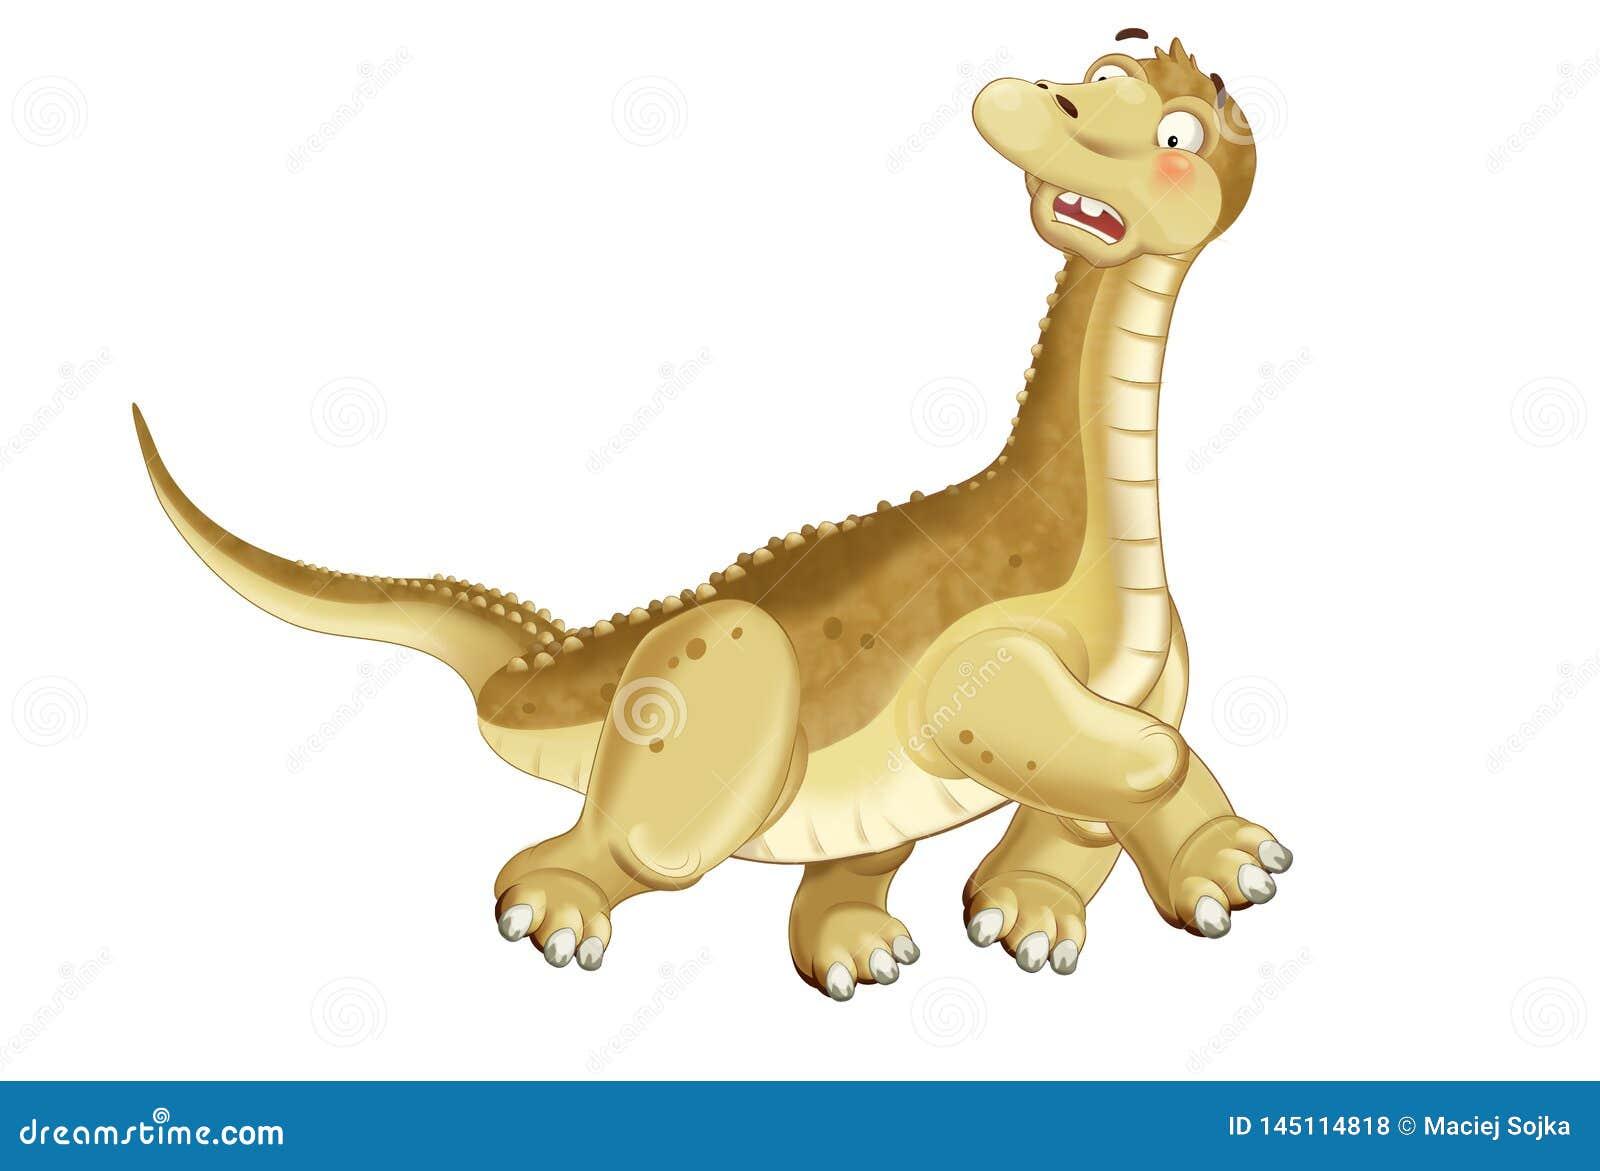 Dibujo Apatosauro De Los Diplodocumentos De Los Dinosaurios Para Ninos Stock De Ilustracion Ilustracion De Dinosaurios Diplodocumentos 145114818 ¡mira louie, el dibujo animado preferido de los niños para aprender a dibujar! dreamstime